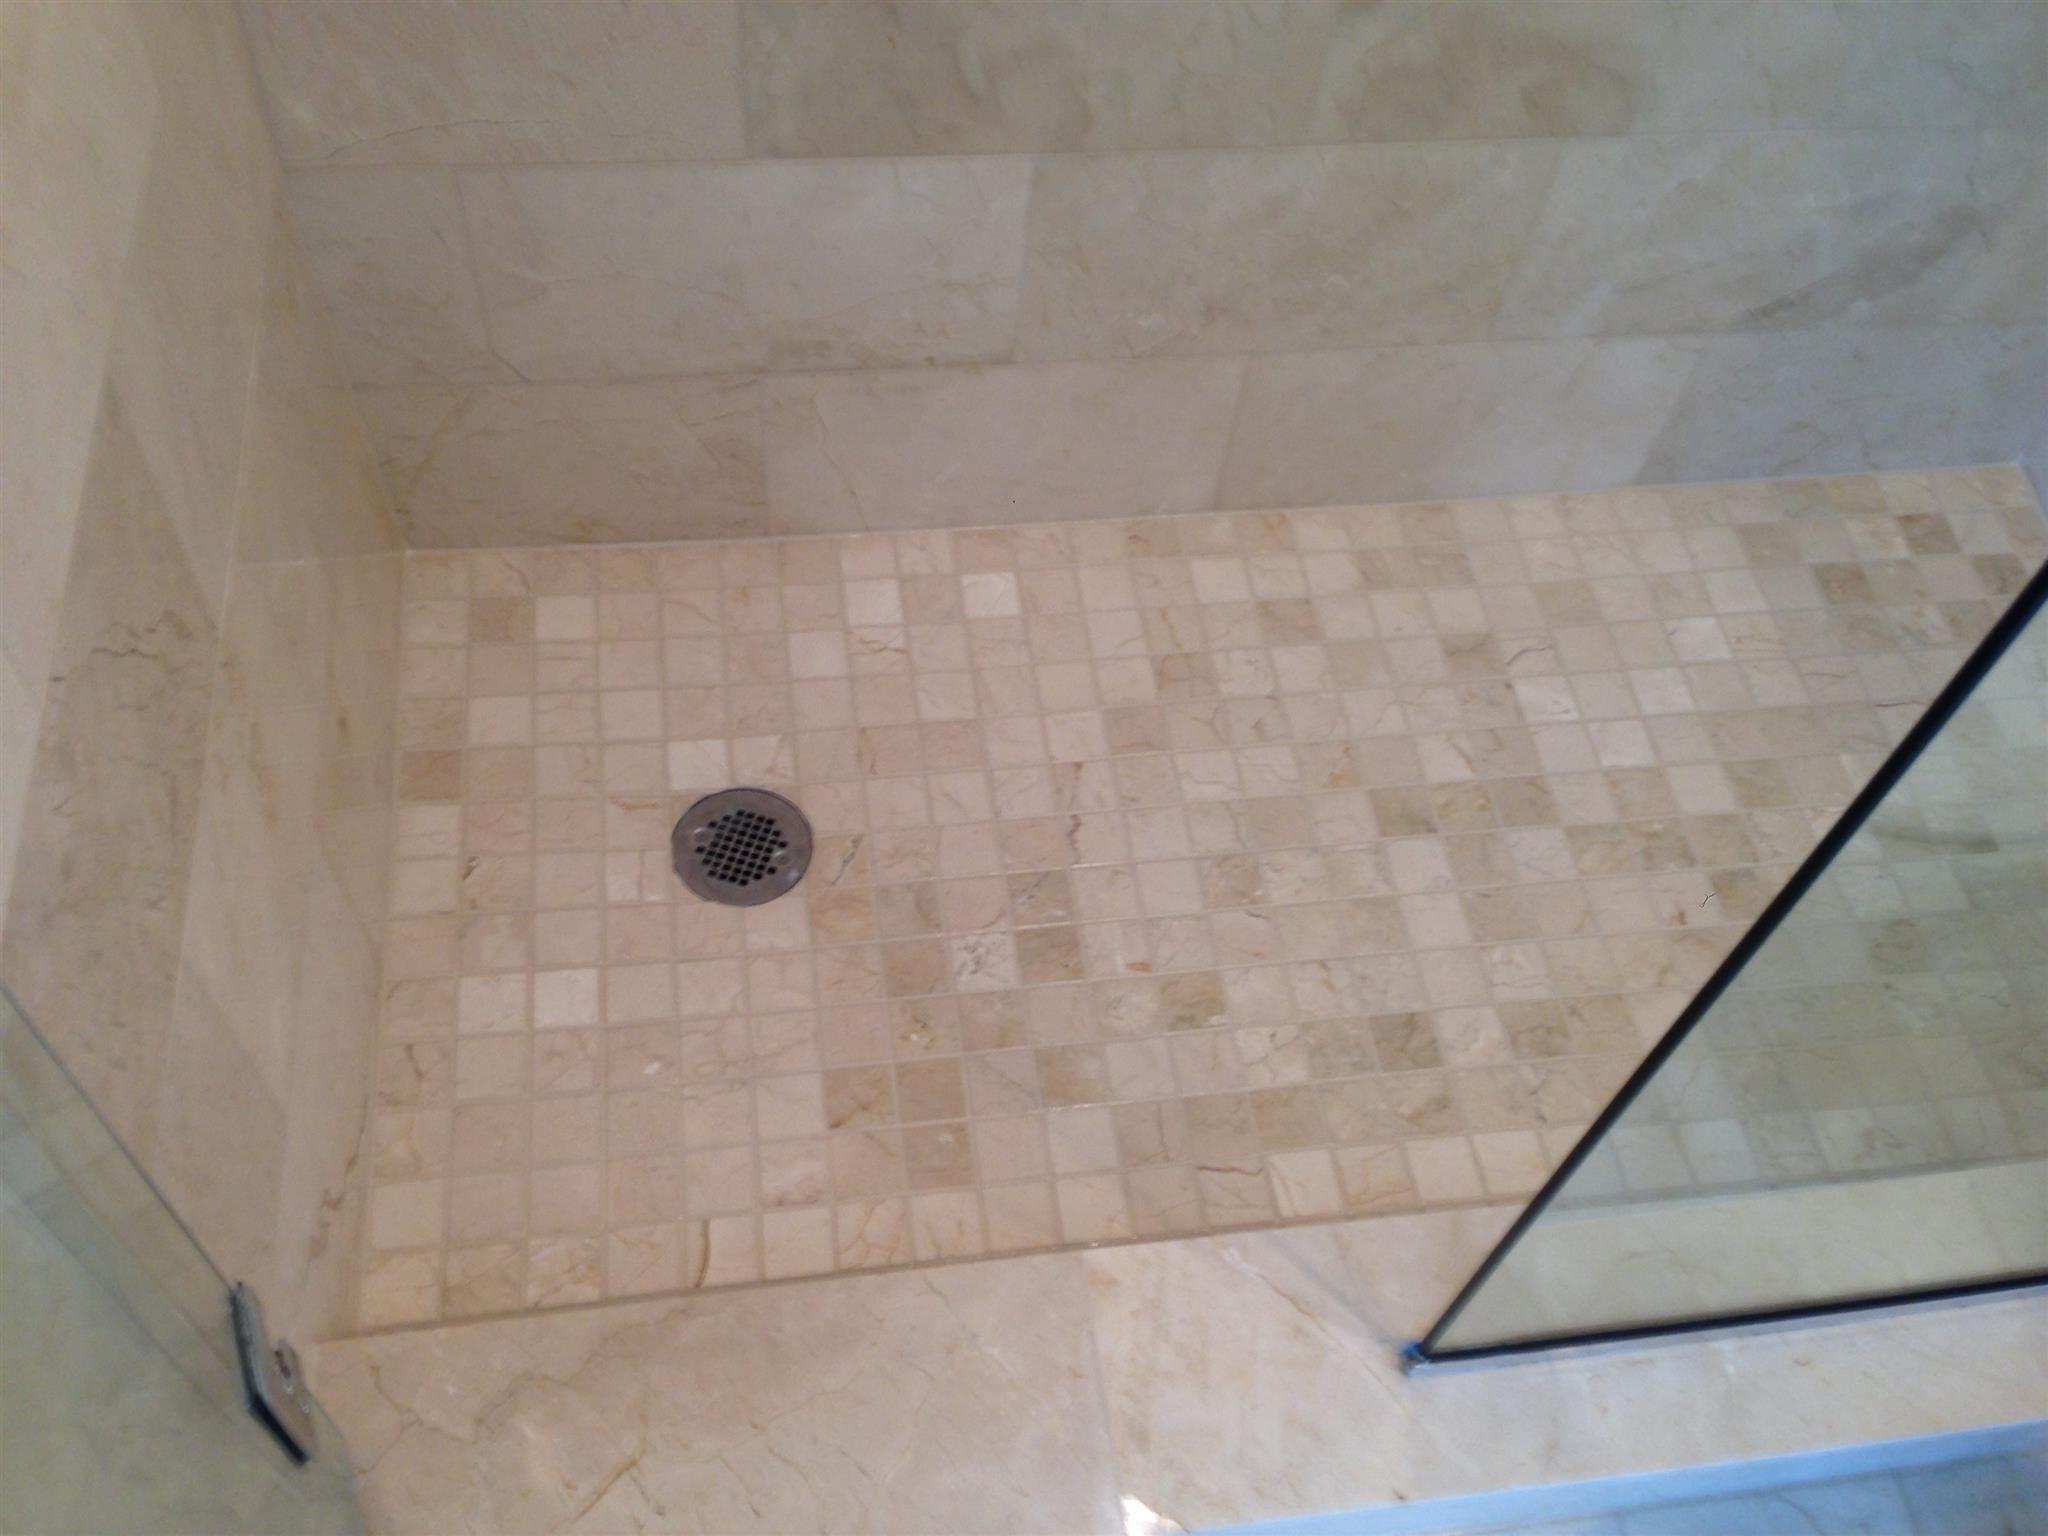 Cracked Shower Tile Repair Service In San Diego Ca With Images Cracked Tile Repair Shower Tile Tile Repair